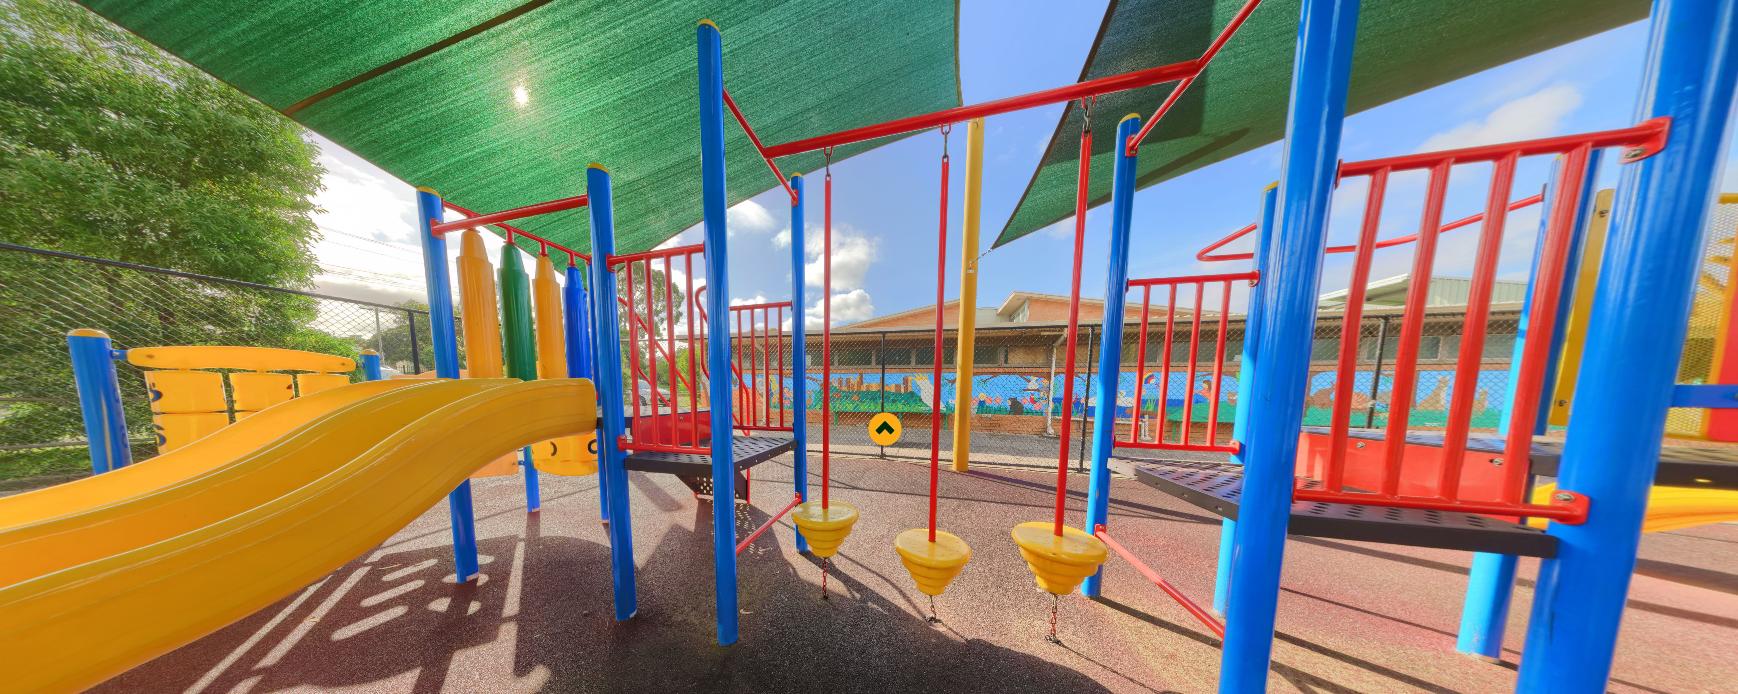 Prep-playground